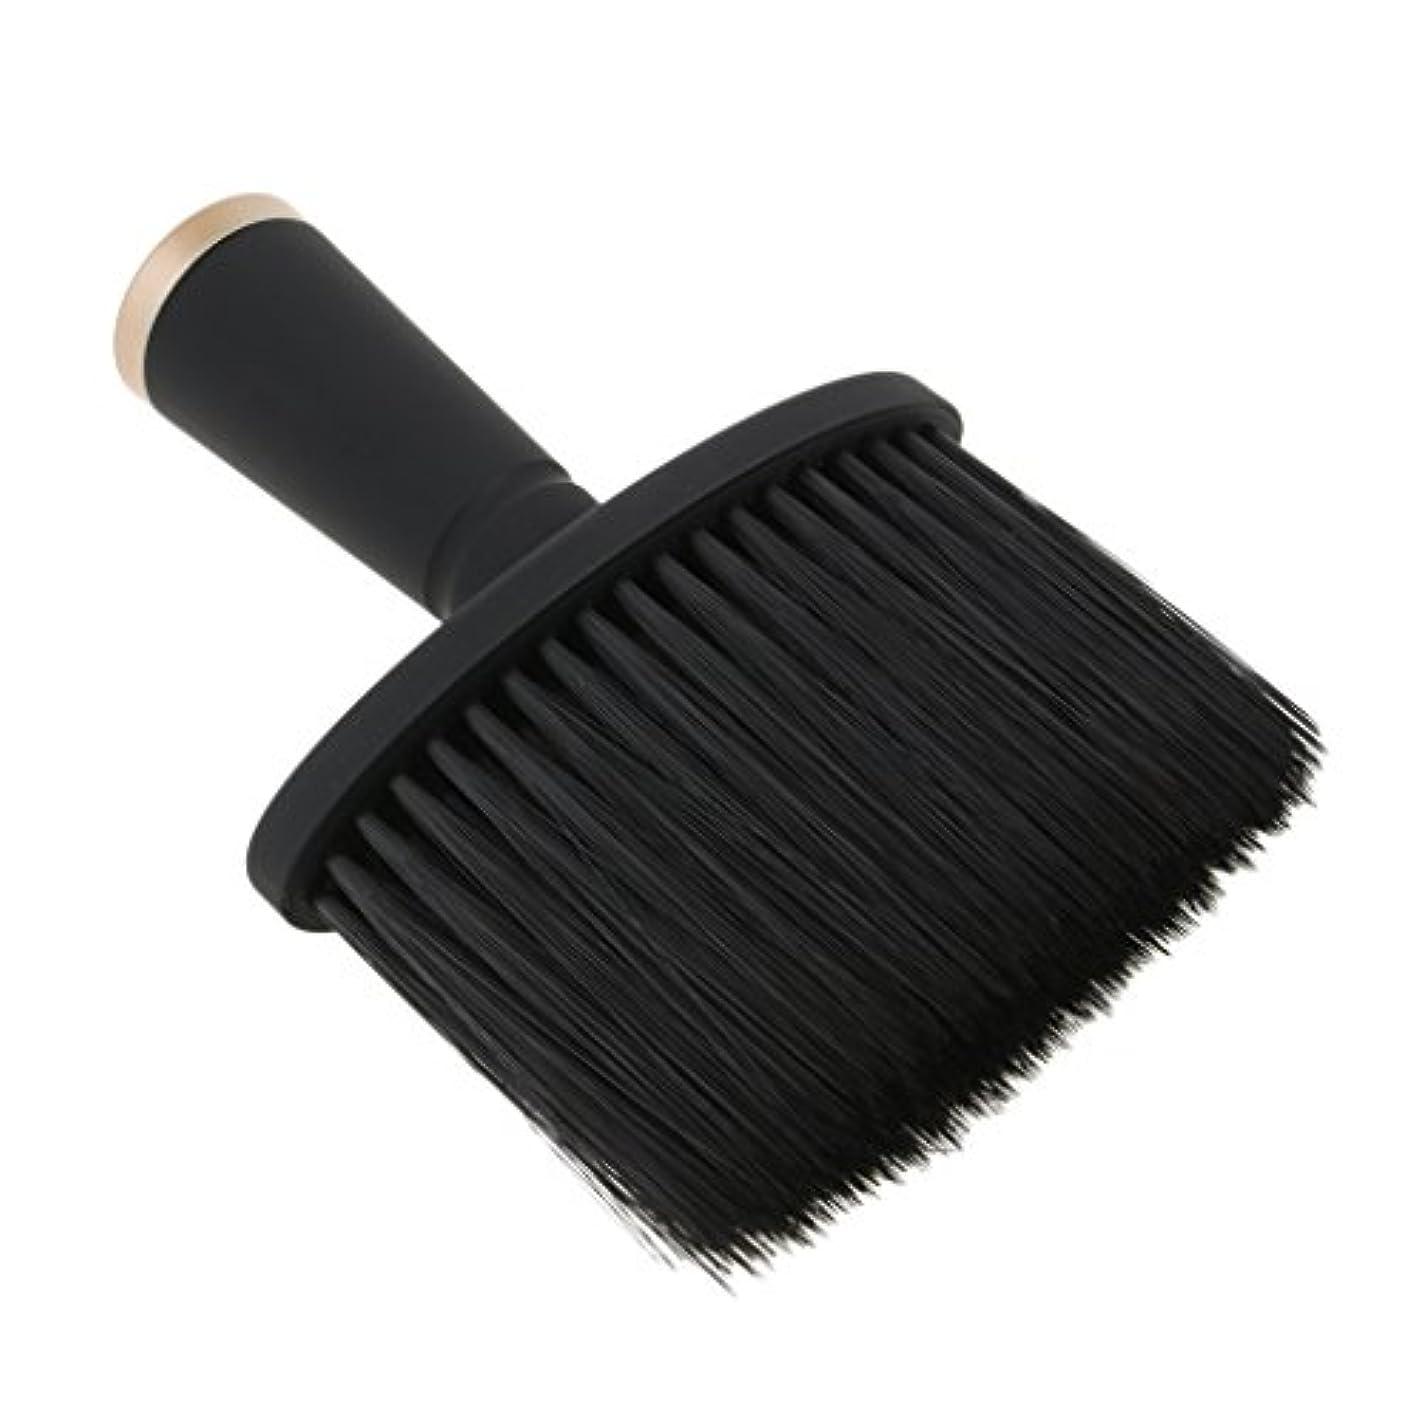 スカープ無力エンゲージメントFutuHome 専門の理髪師の首の塵払いのブラシ、毛の切断のための柔らかいクリーニングの表面ブラシ、携帯用設計 - ゴールド